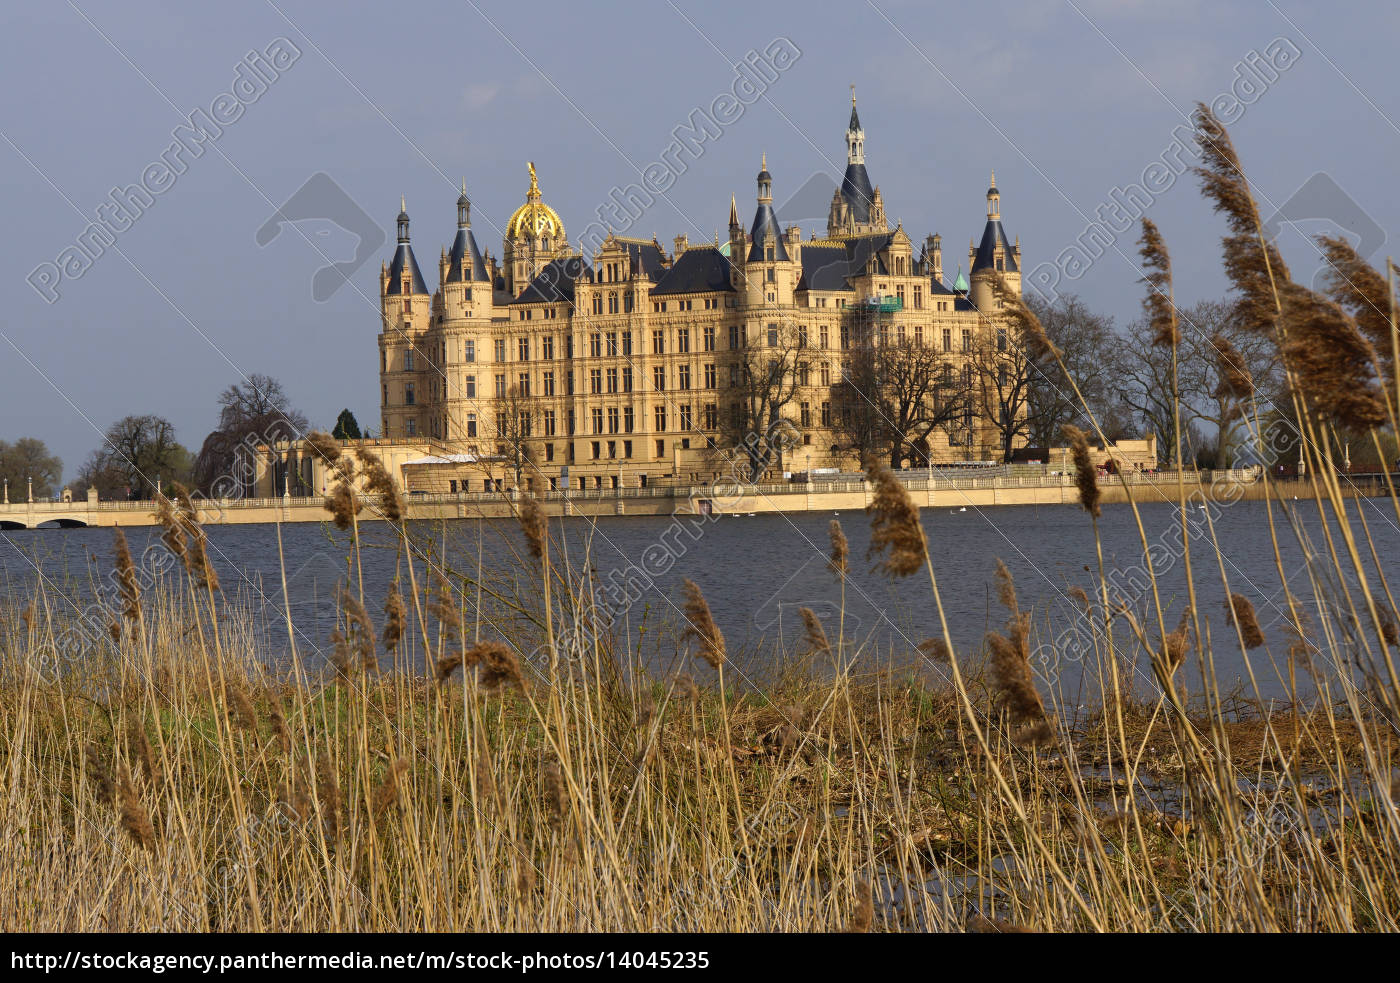 schwerin, castle - 14045235